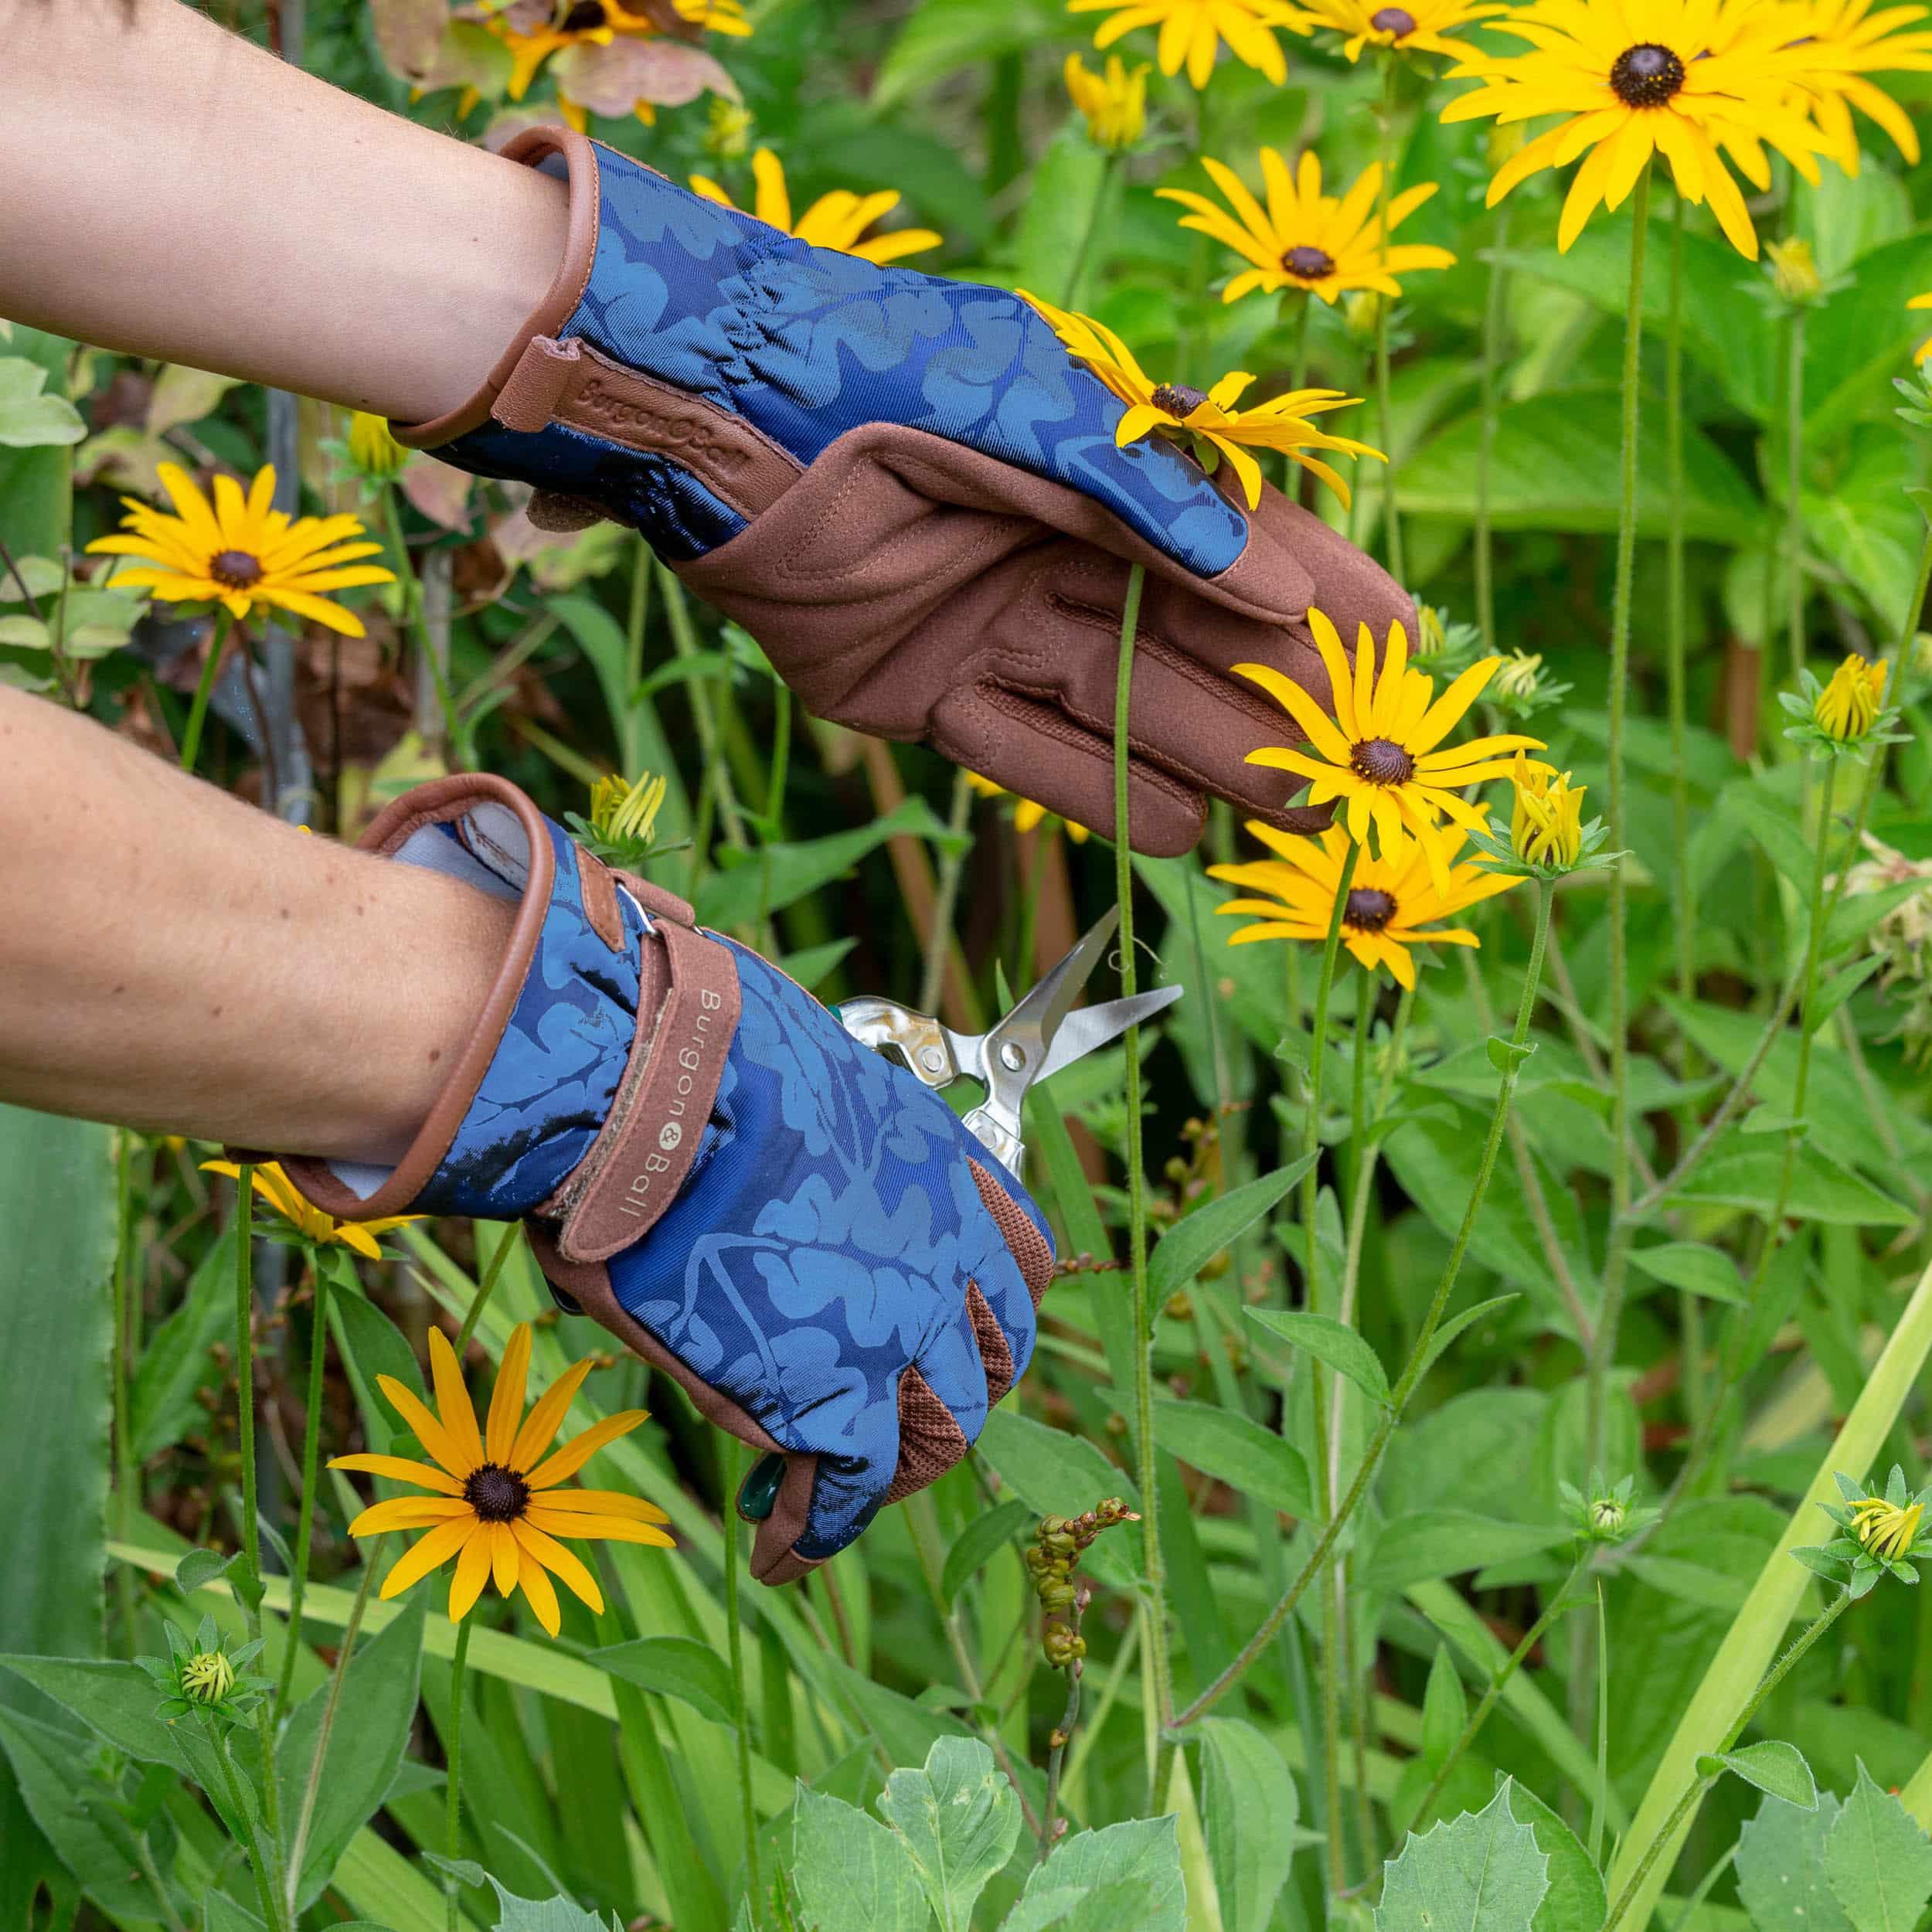 Gartenhandschuhe - Oak Leaf - M/L blau